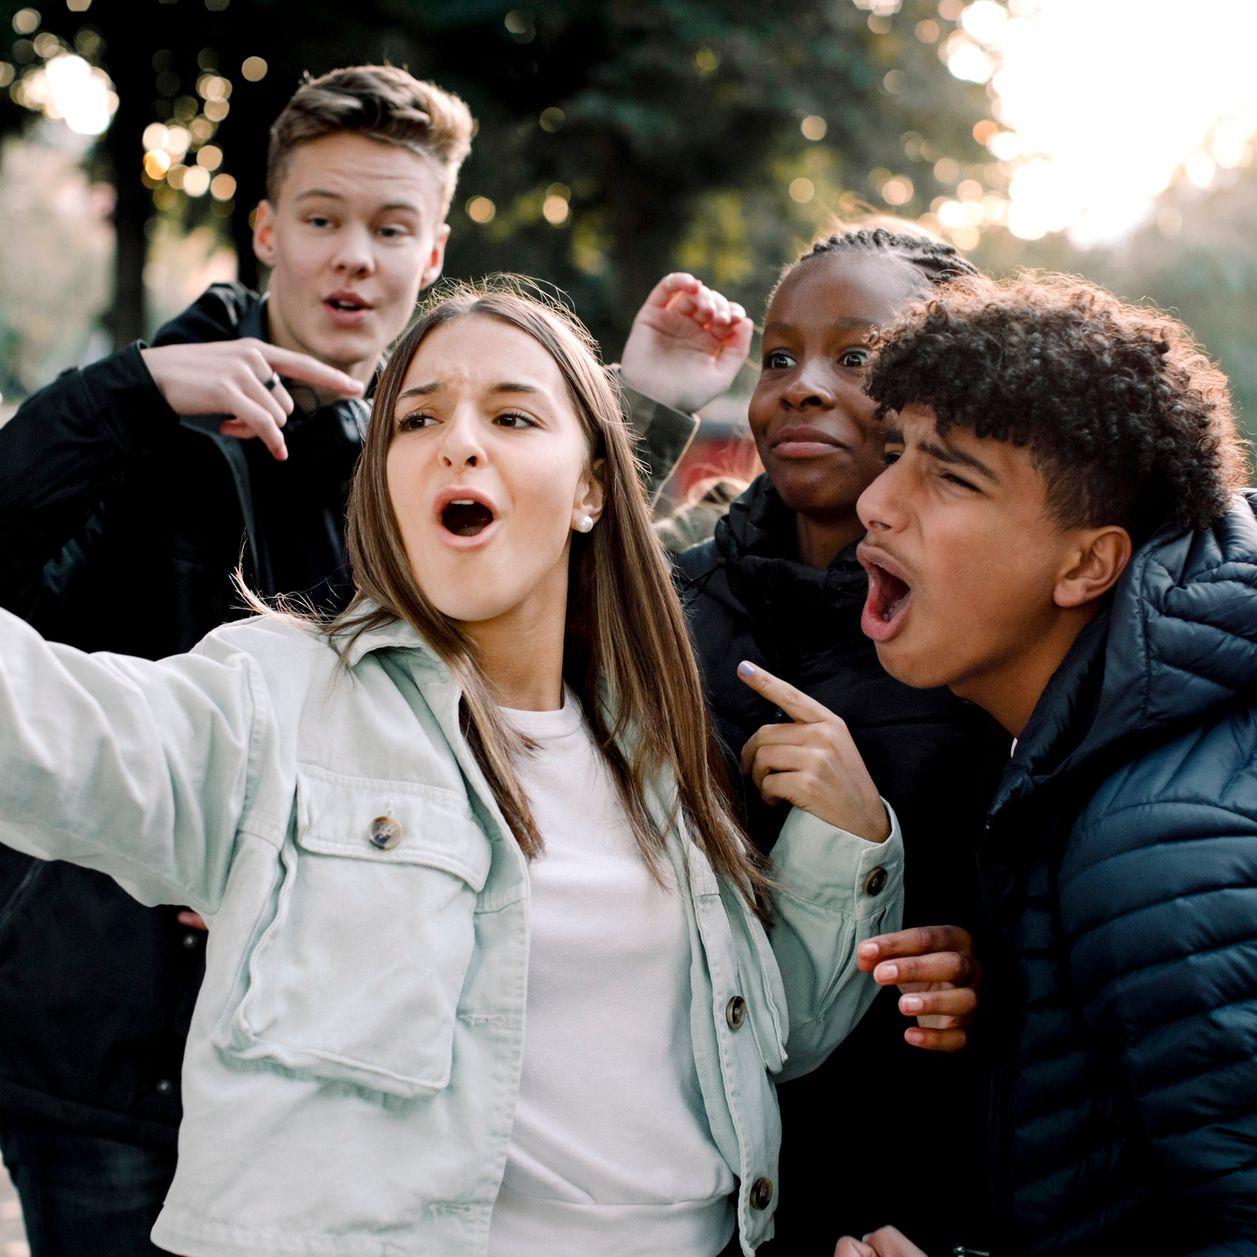 Adolescence : À quel âge commence-t-elle et quand finit-elle ?